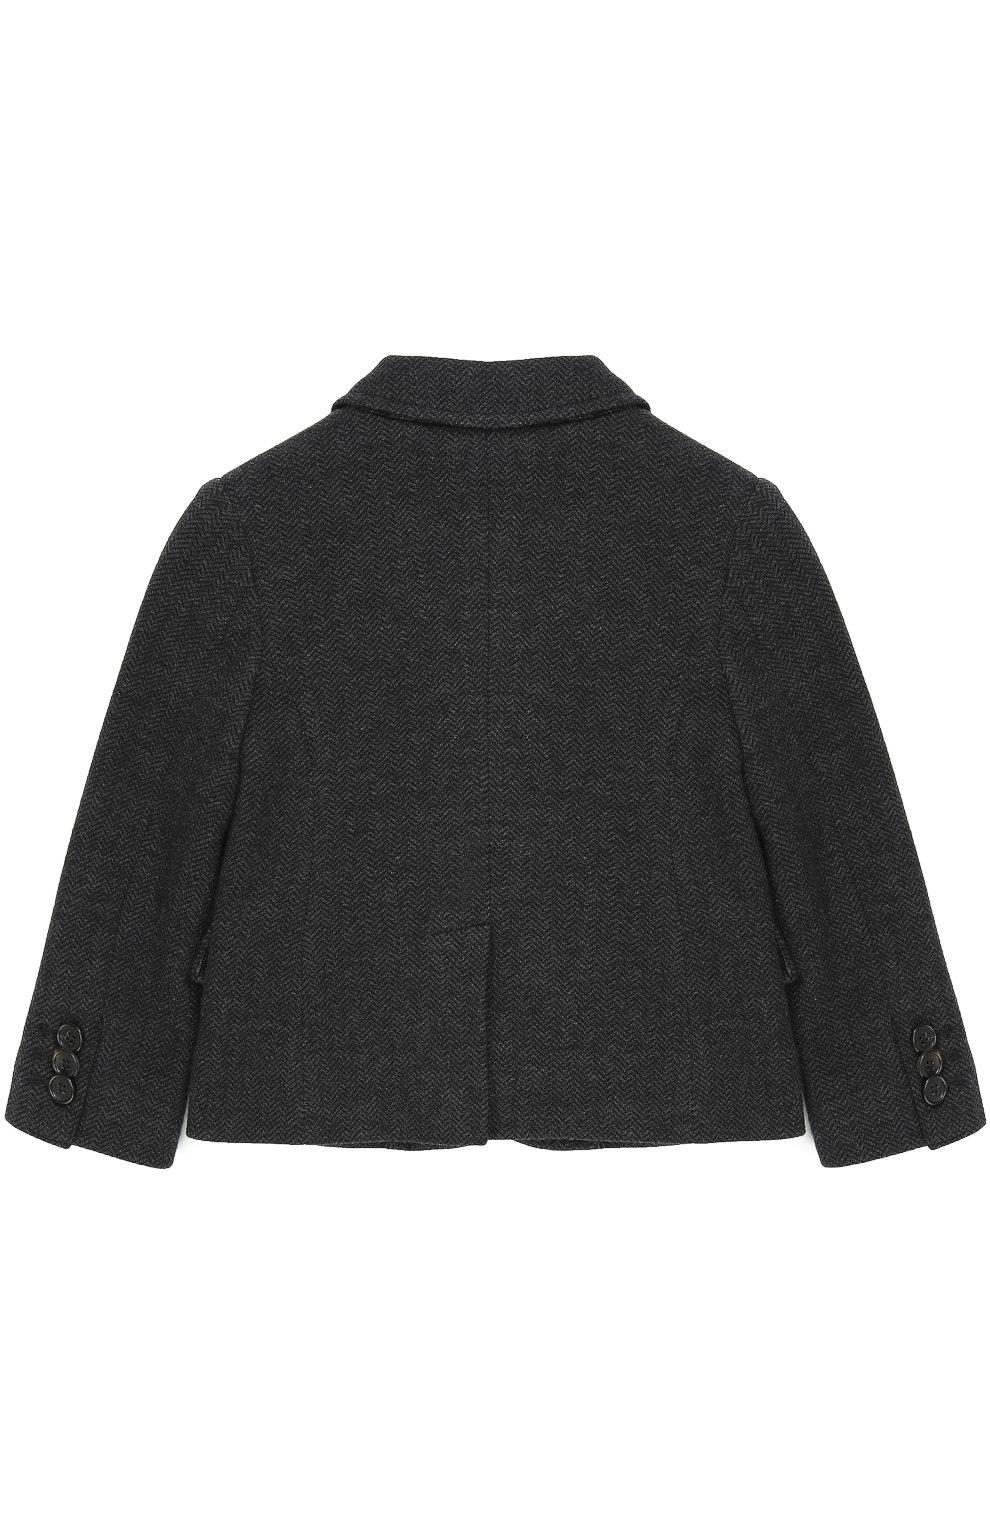 Хлопковый пиджак на двух пуговицах с нашивкой | Фото №2